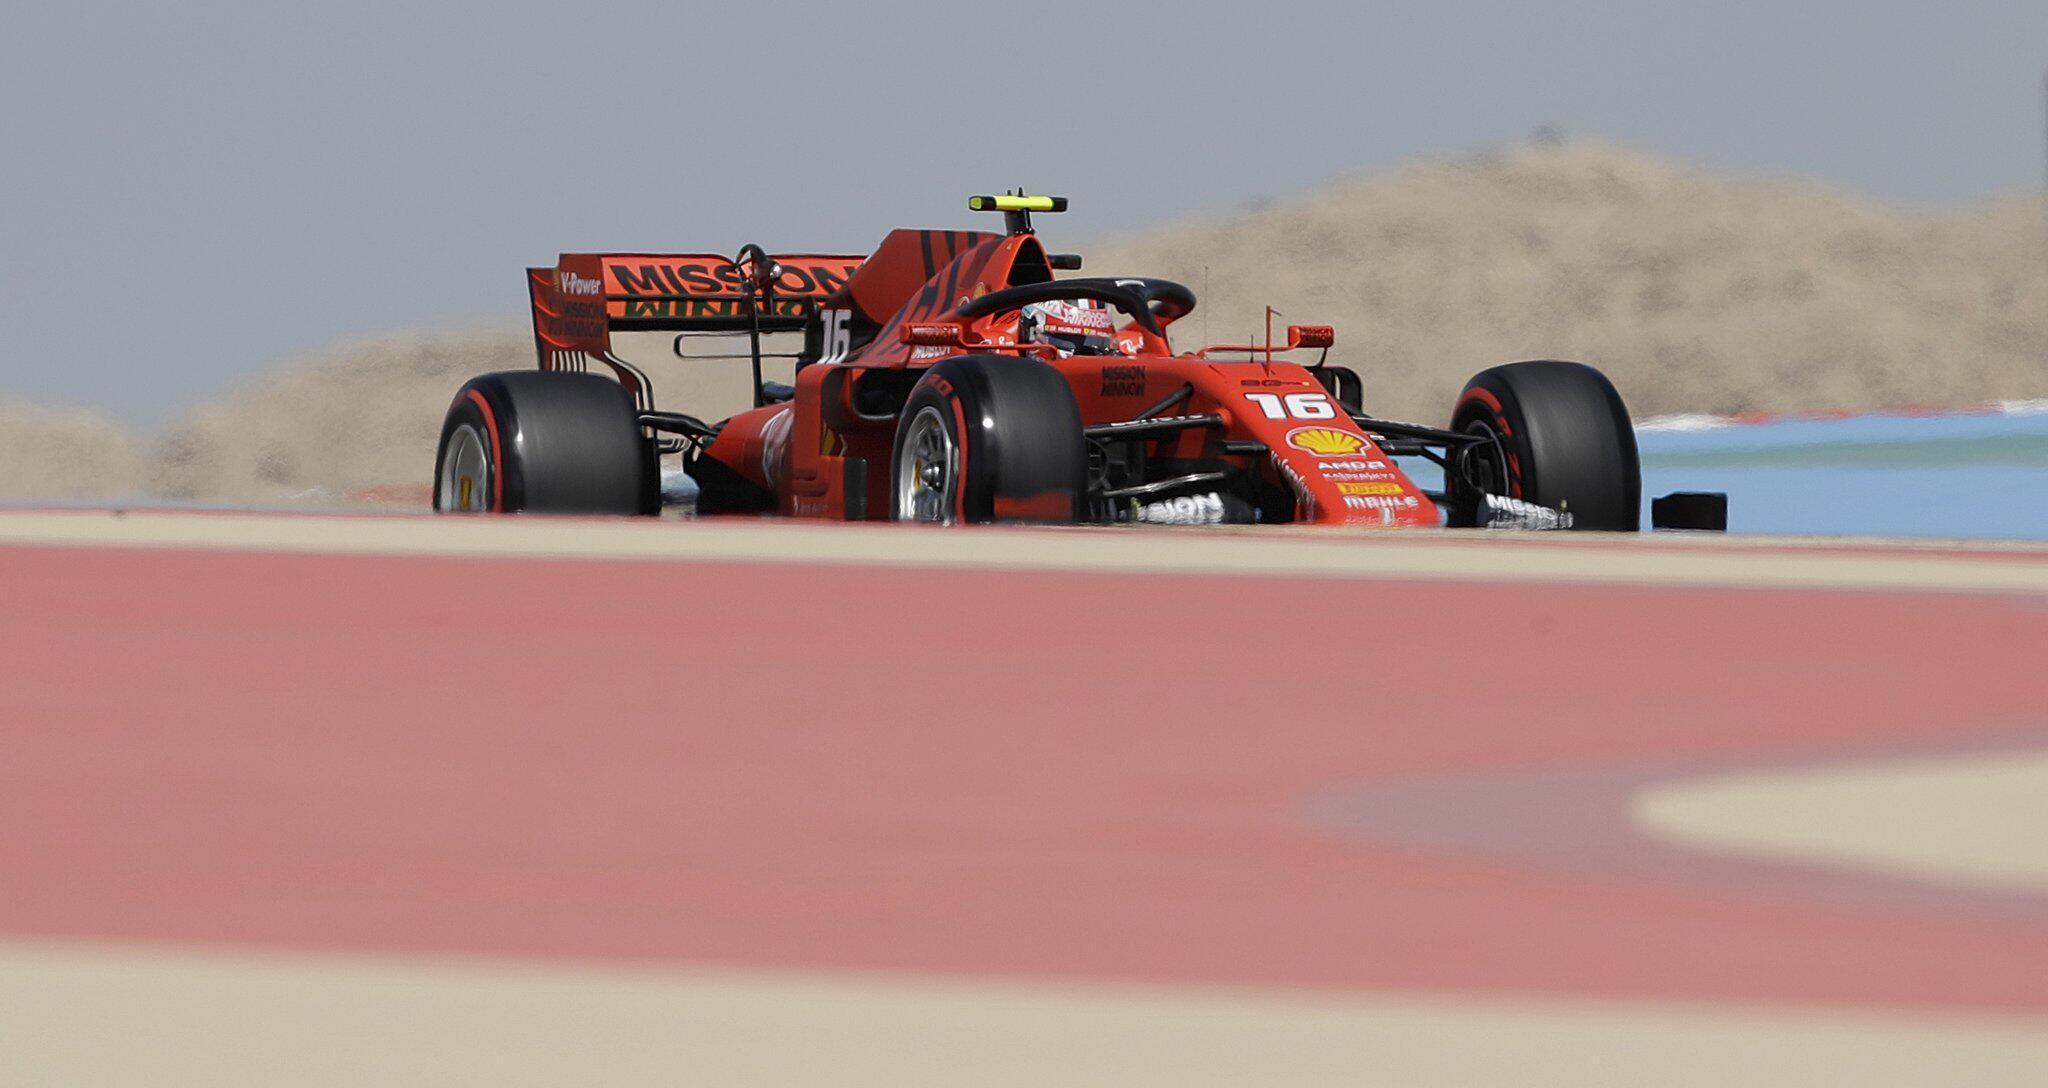 Bild zu Formel-1-Training auf dem Bahrain International Circuit